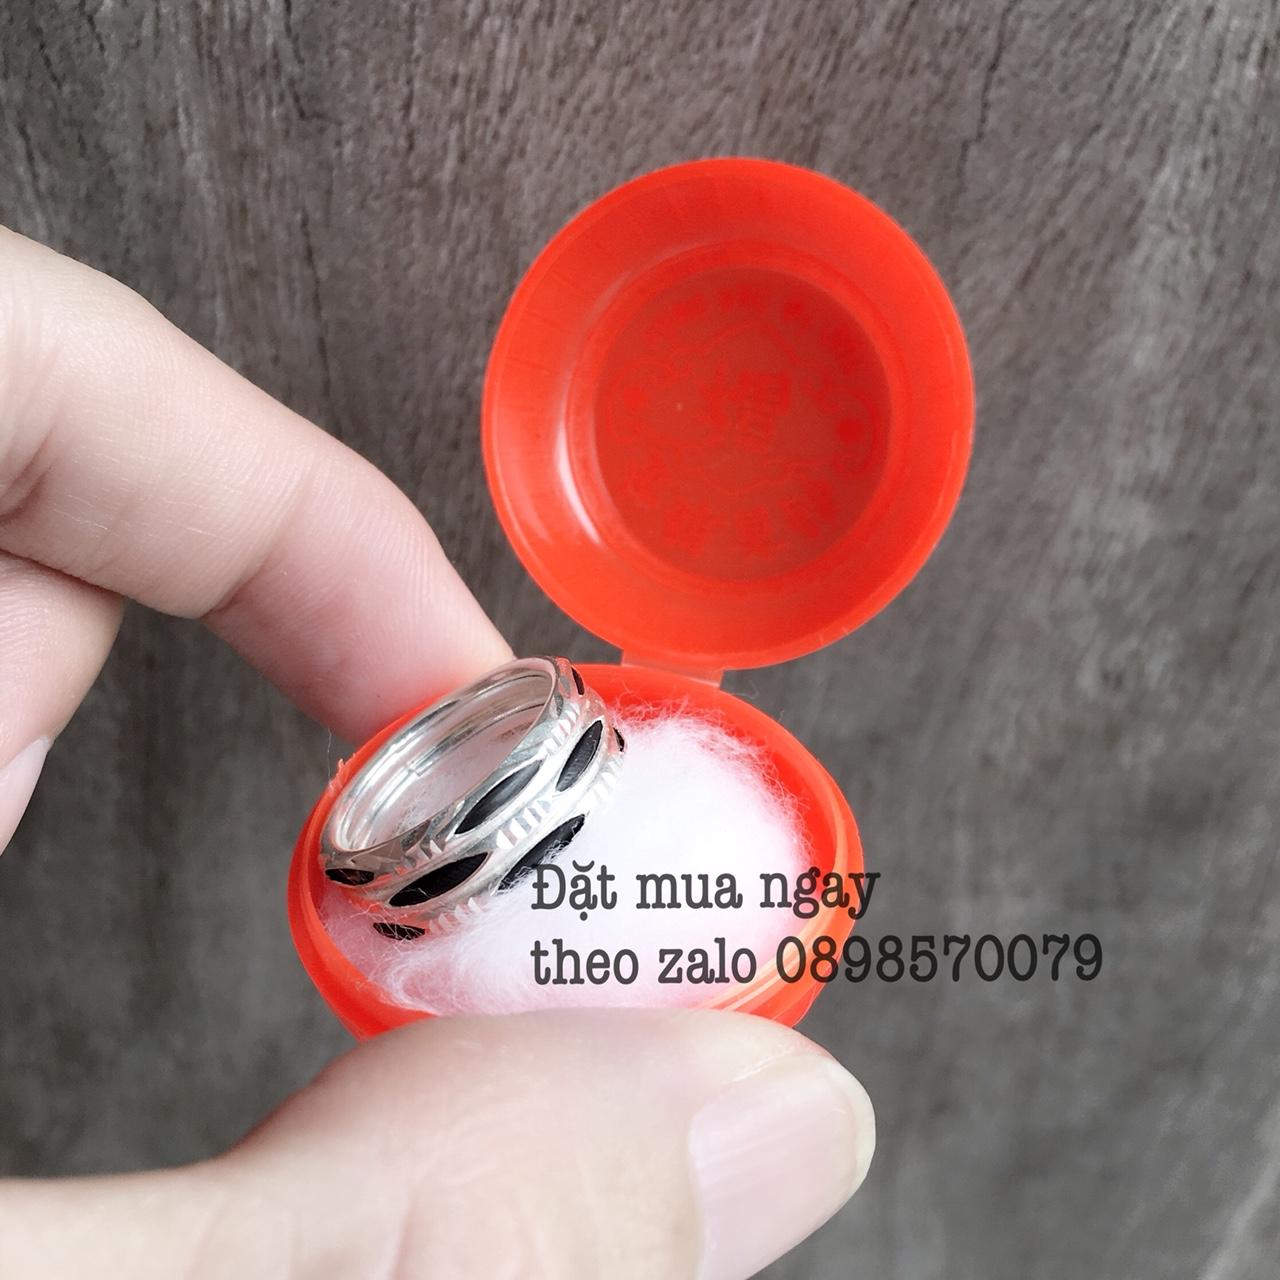 Hình ảnh mẫu nhẫn lông voi Tam Lộc bạc 3 hàng lông voi đã được một khách hàng ở Đắc Lắc đặt mua